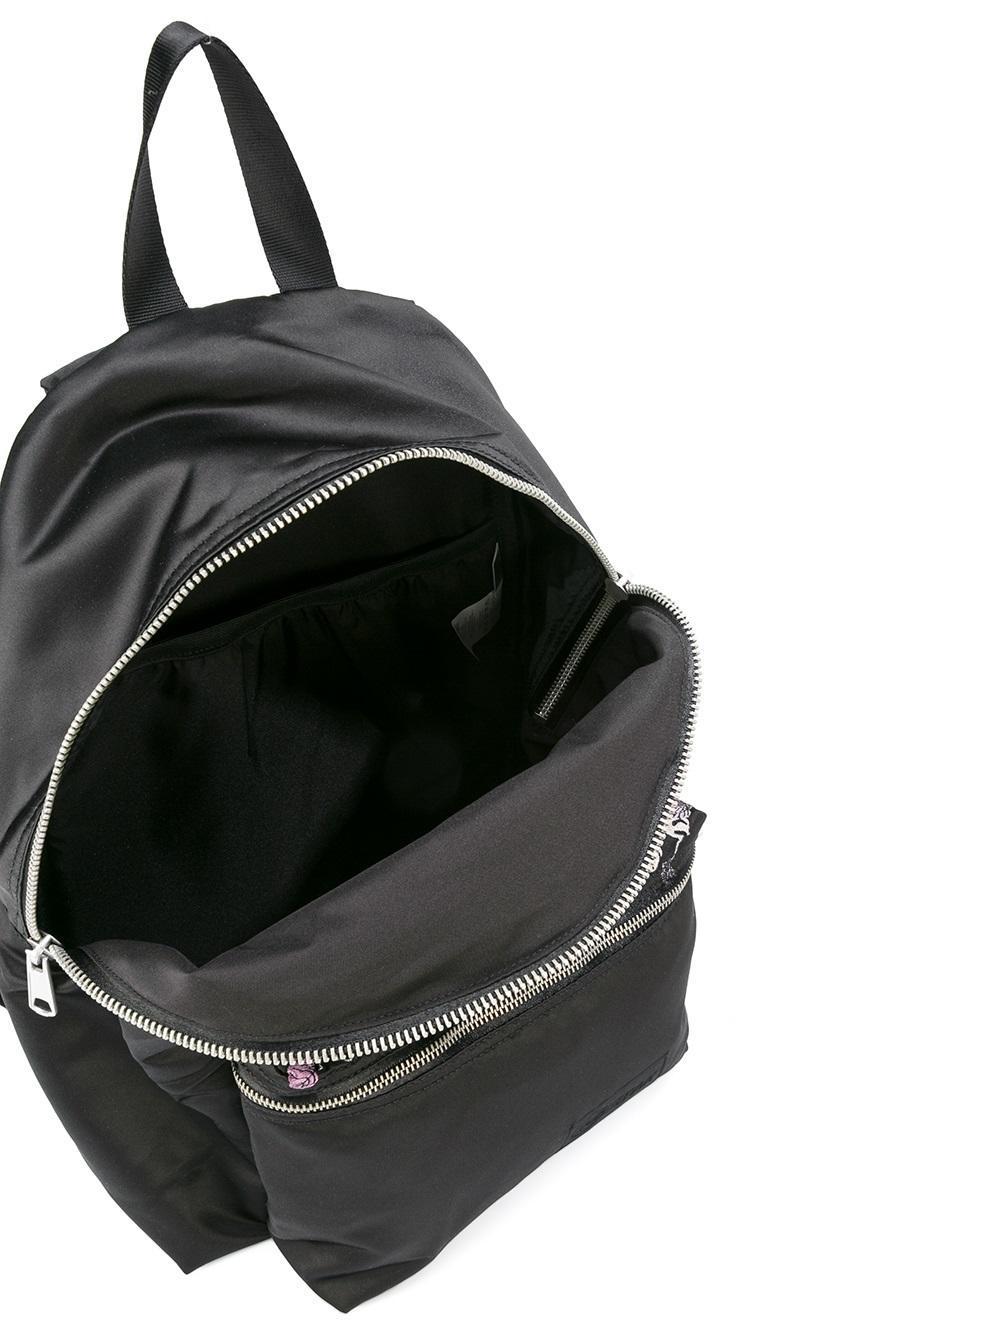 0596a91125 Eastpak Padded Pak r Sukajan Crane Backpack in Black for Men - Lyst